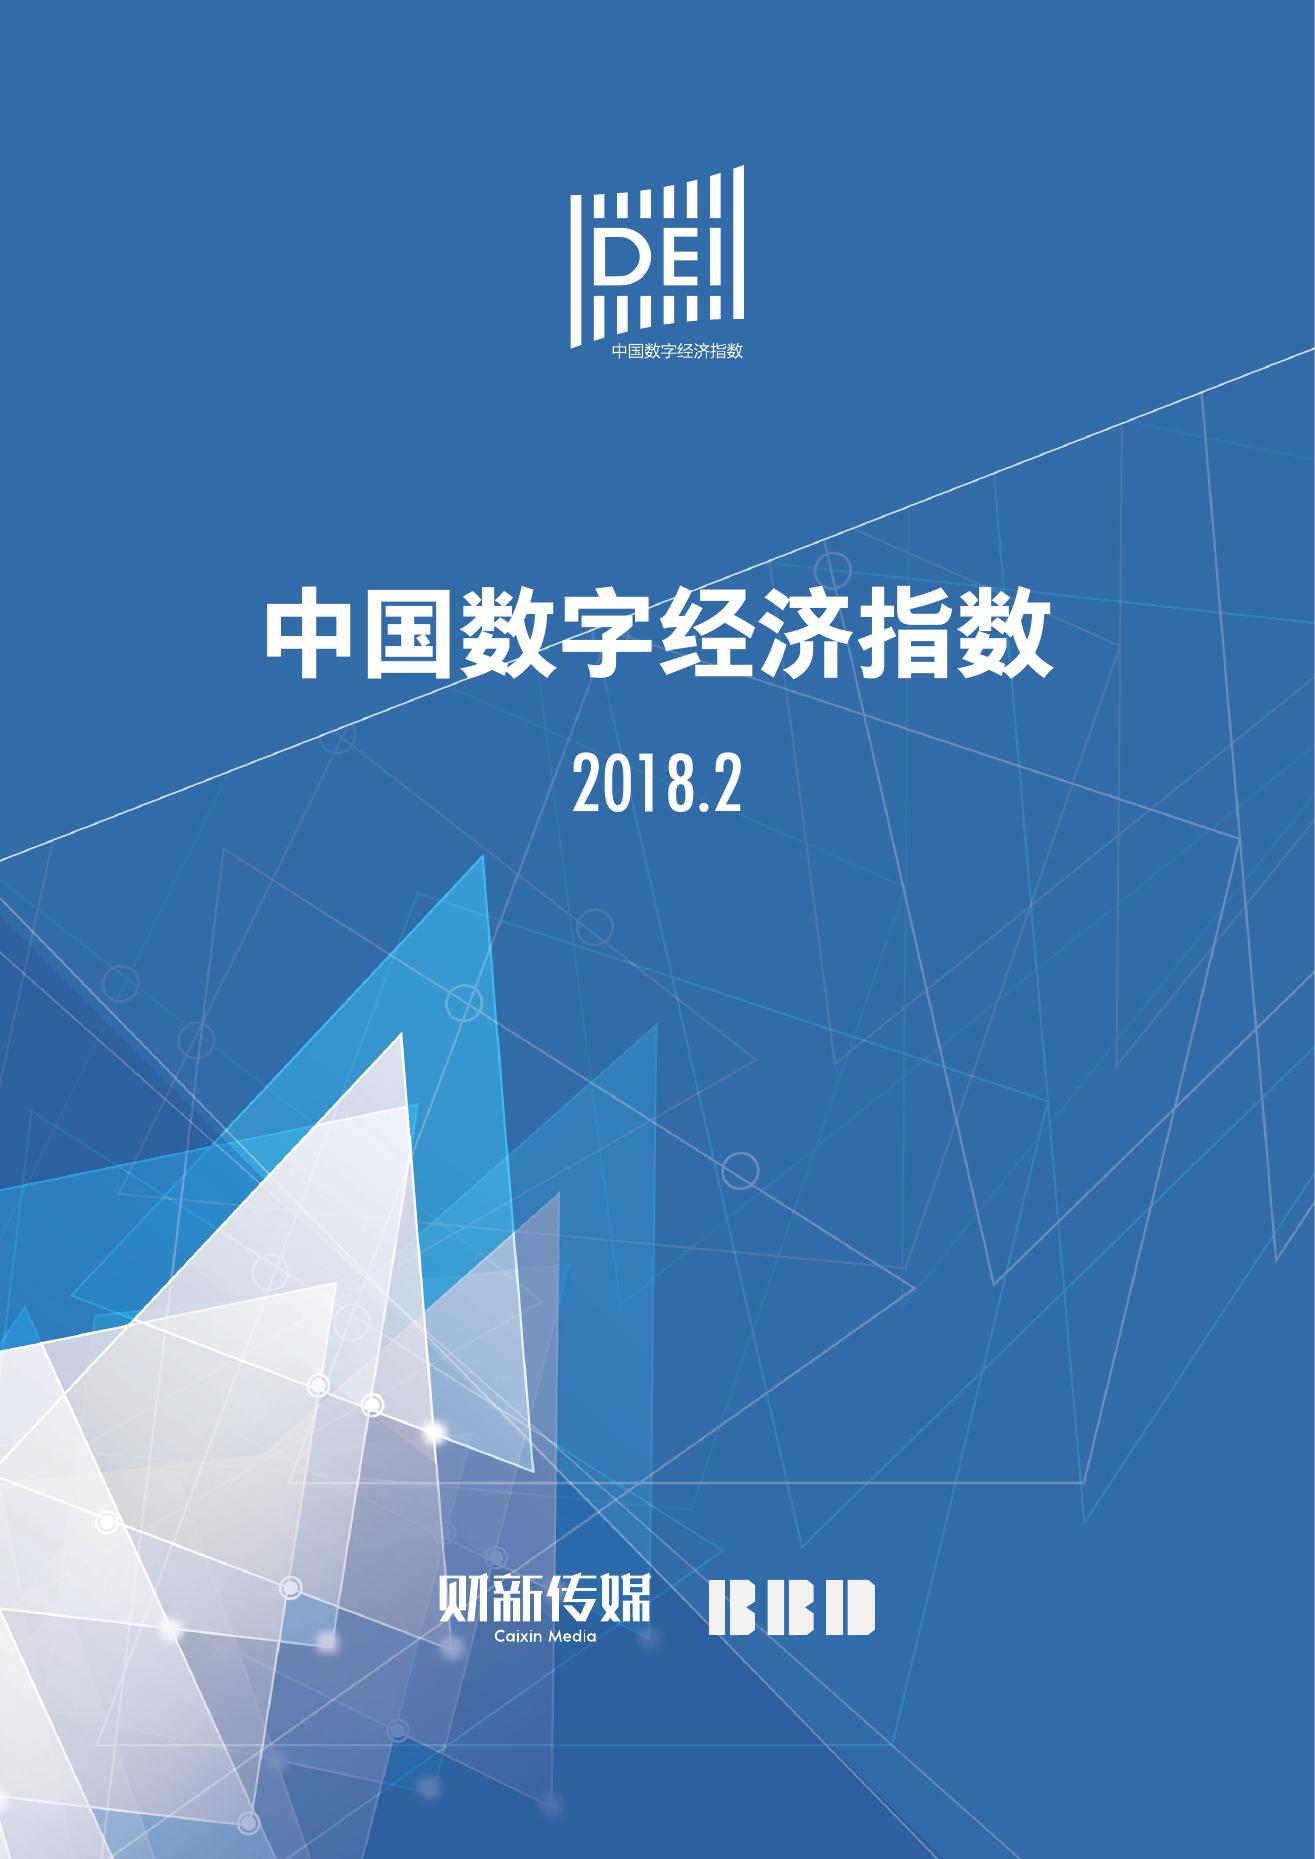 财新传媒&BBD:2018年2月中国数字经济指数